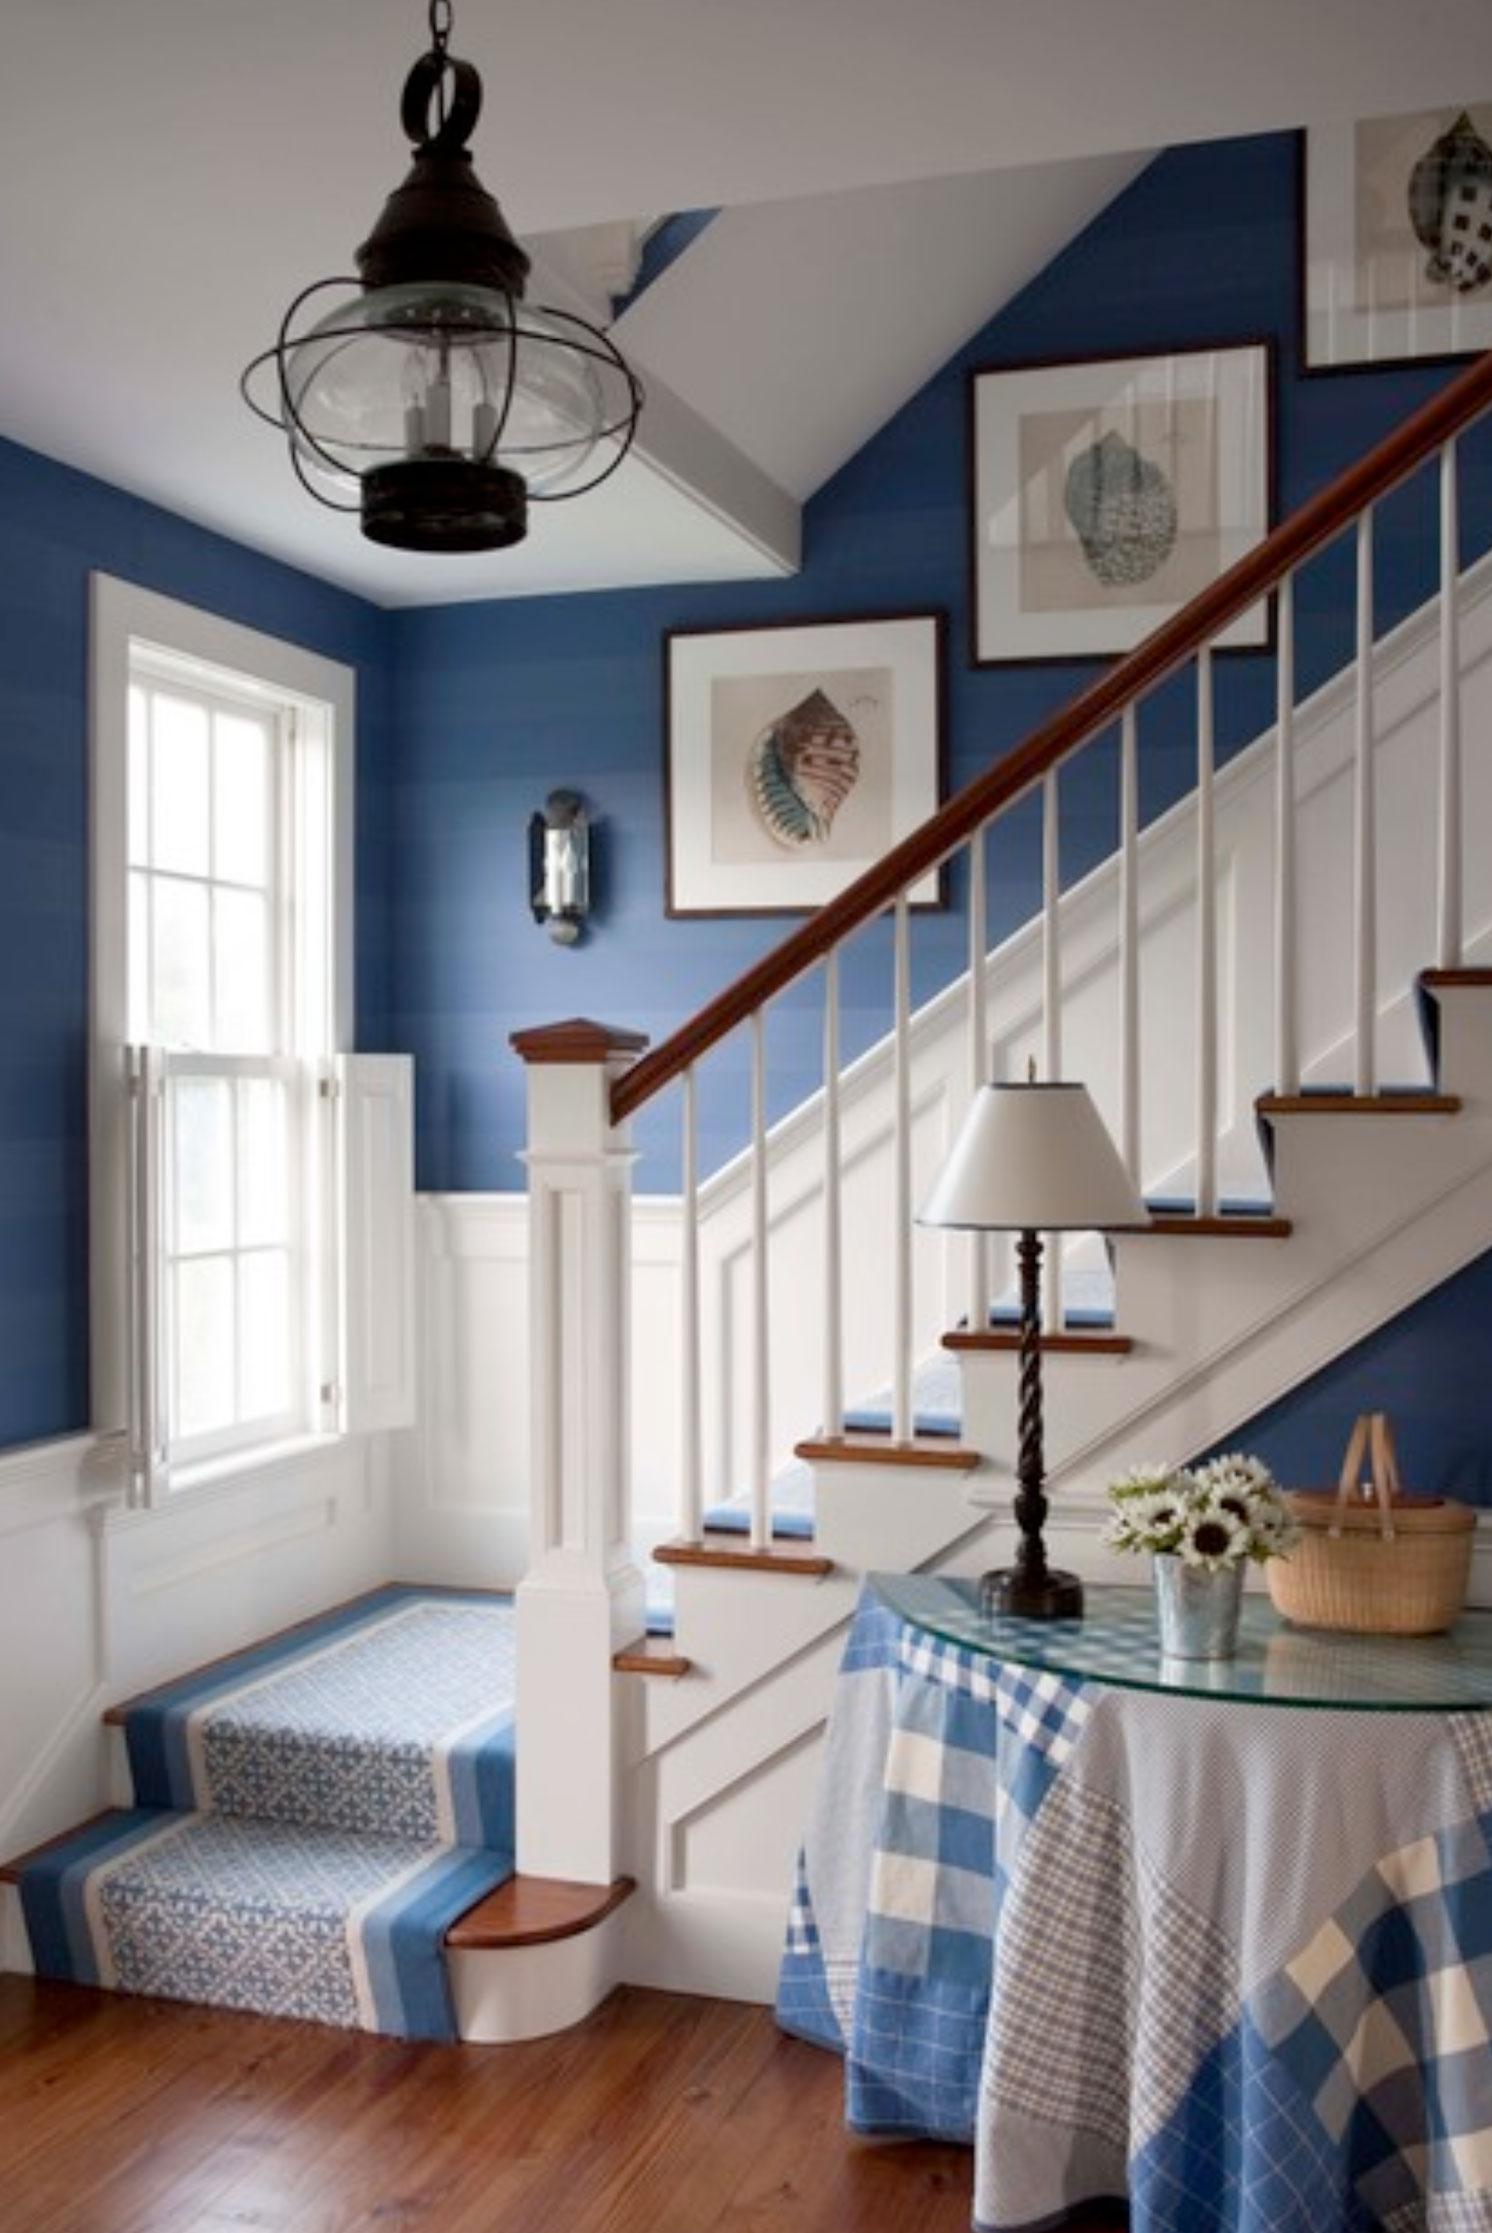 Entry Foyer Runner : Stair runner design ideas chatelaine